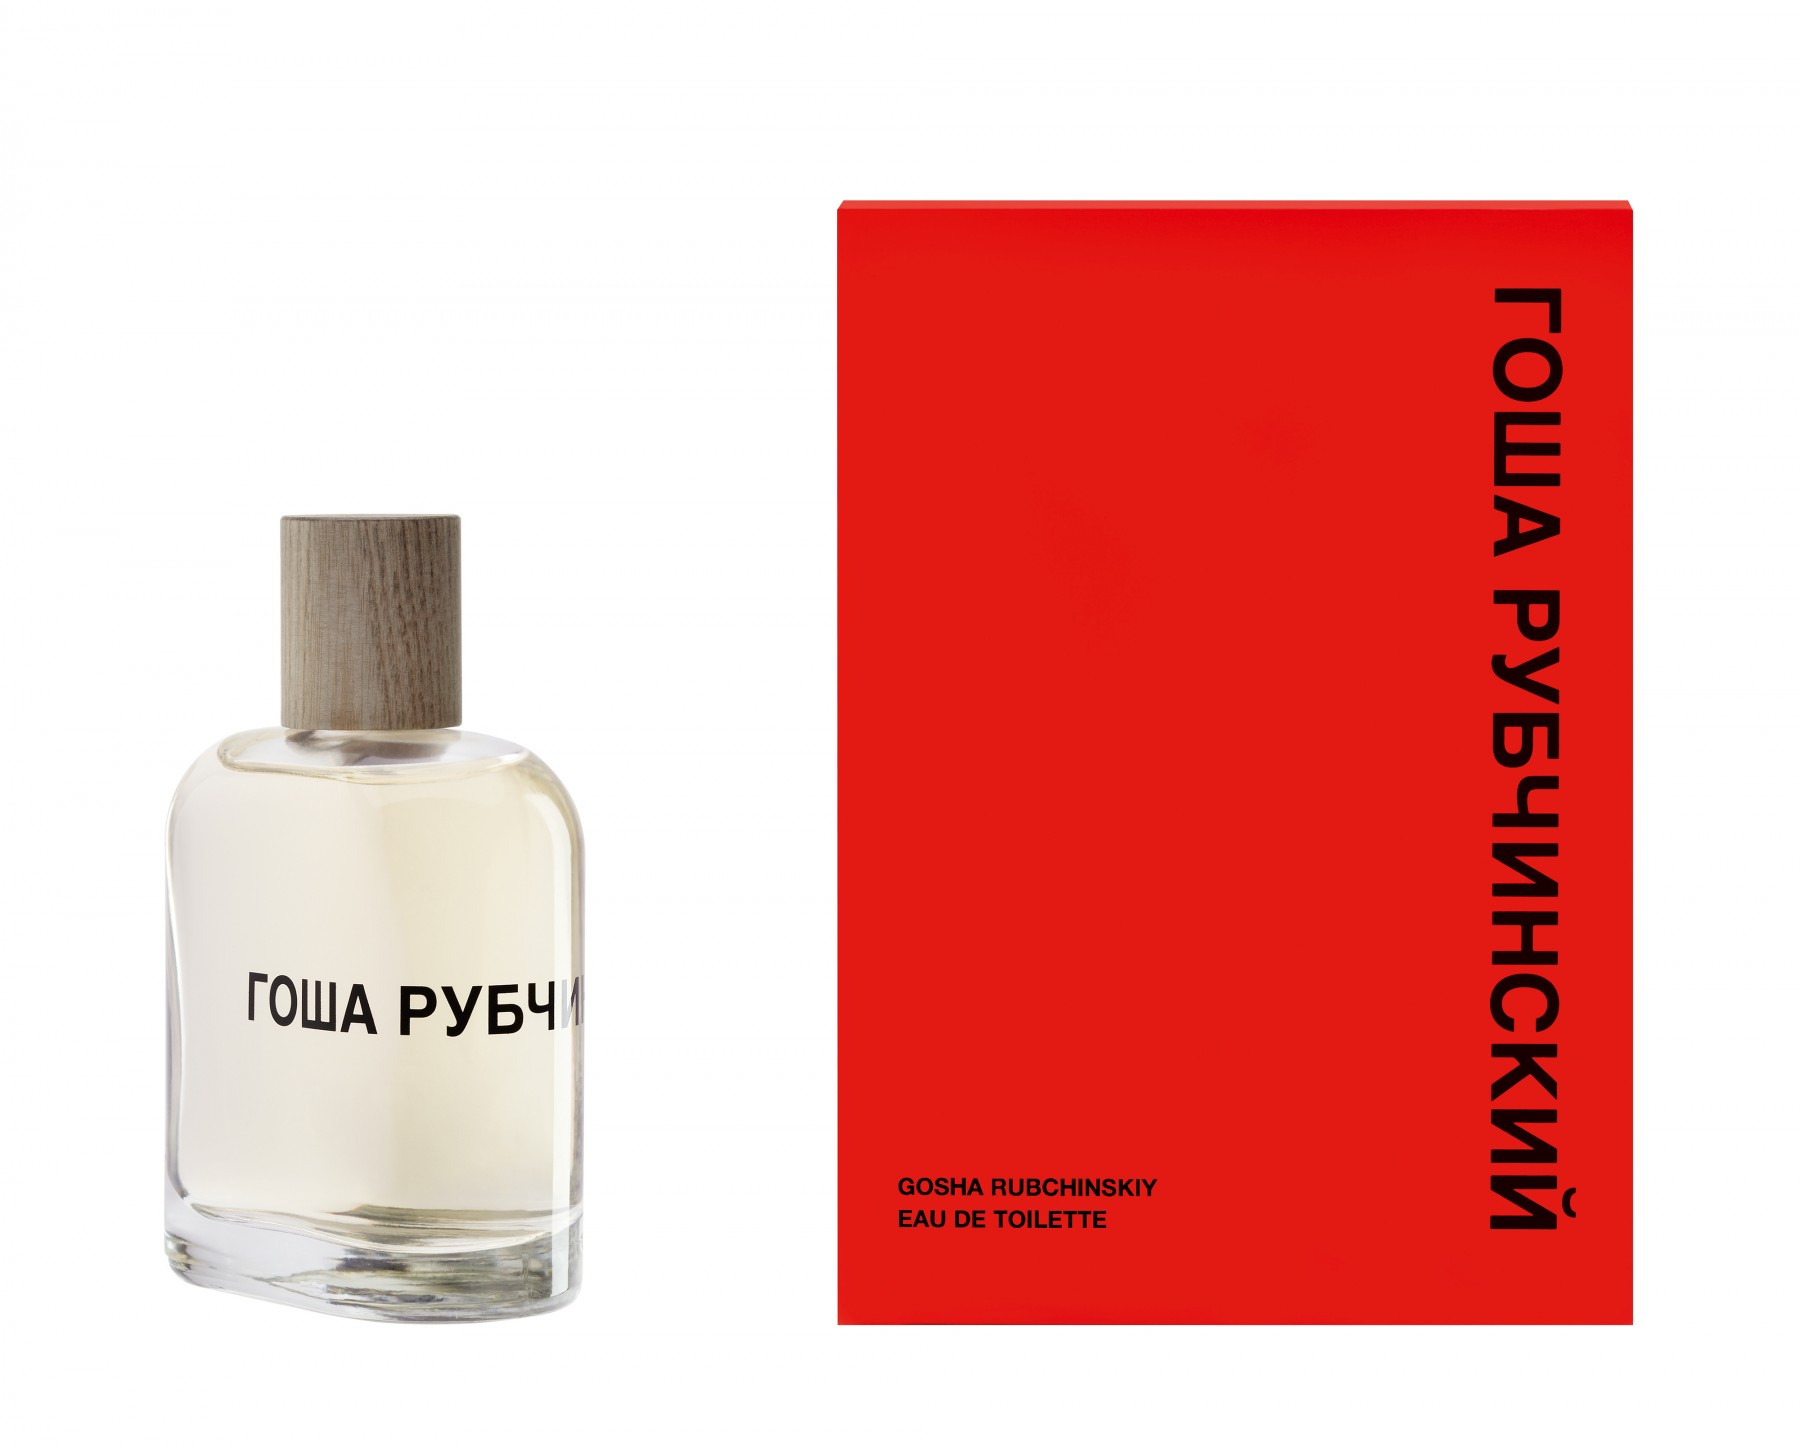 parfum-gosha-rubchinskiy